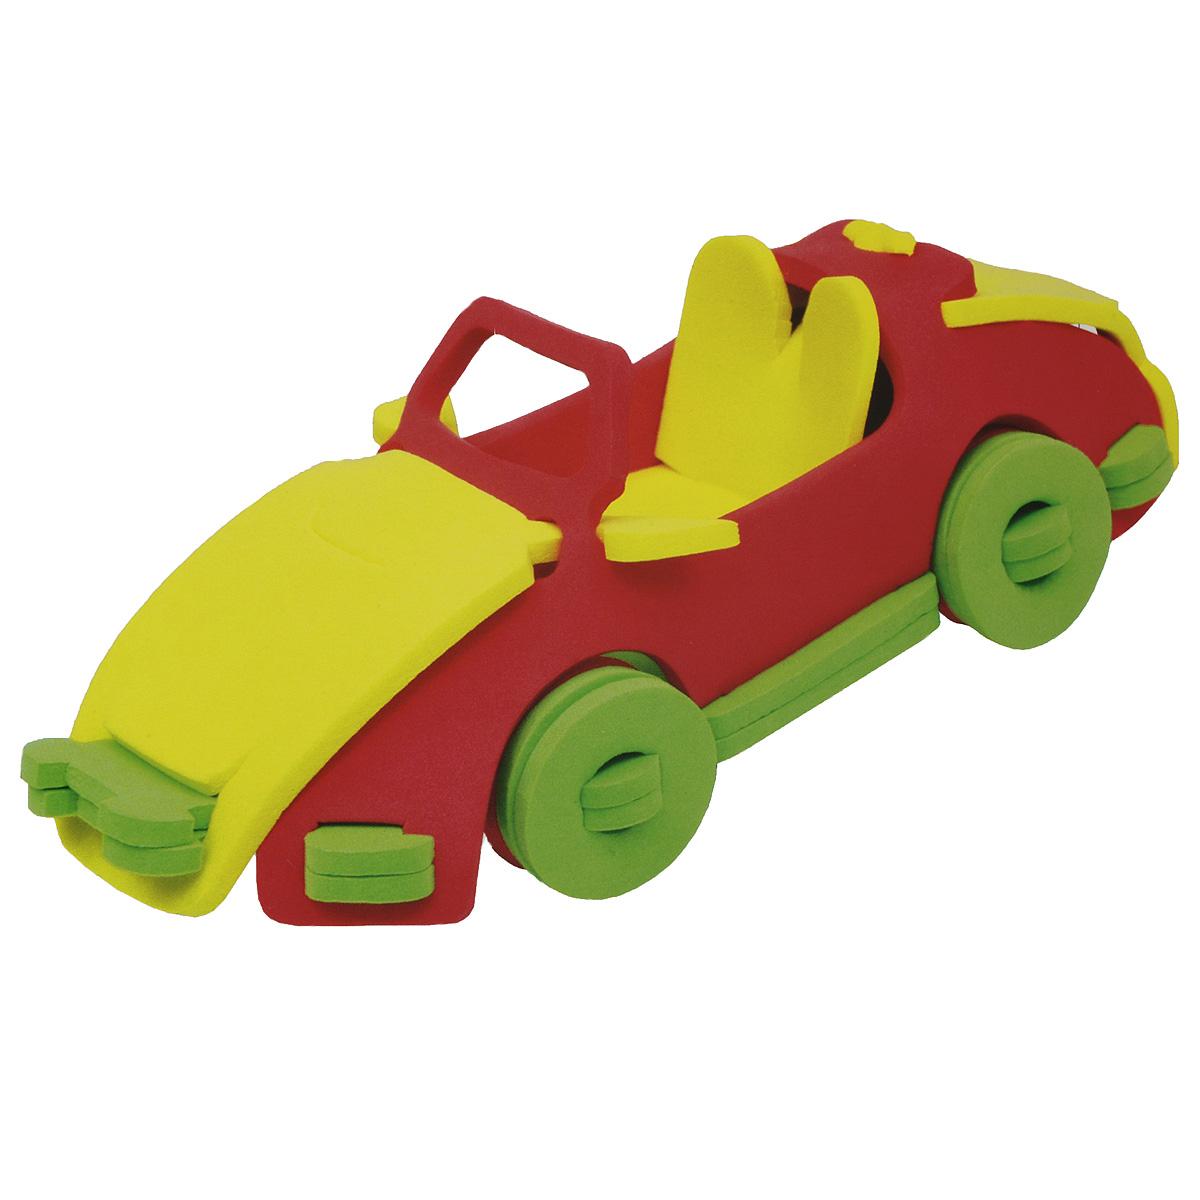 Фантазер Мягкий конструктор 3D Автомобиль147023Яркий 3D конструктор Автомобиль привлечет внимание вашего ребенка и не позволит ему скучать. В набор входит 19 деталей конструктора. Размер составных элементов конструктора очень удобен для того, чтобы ребенку было удобно и комфортно в него играть. Собирая конструктор, ребенок разовьет внимание, воображение, мелкую моторику рук, пространственное и логическое мышление, а собранная своими руками игрушка будет для него гораздо дороже, чем готовая - ведь он вложил в нее свой драгоценный труд.